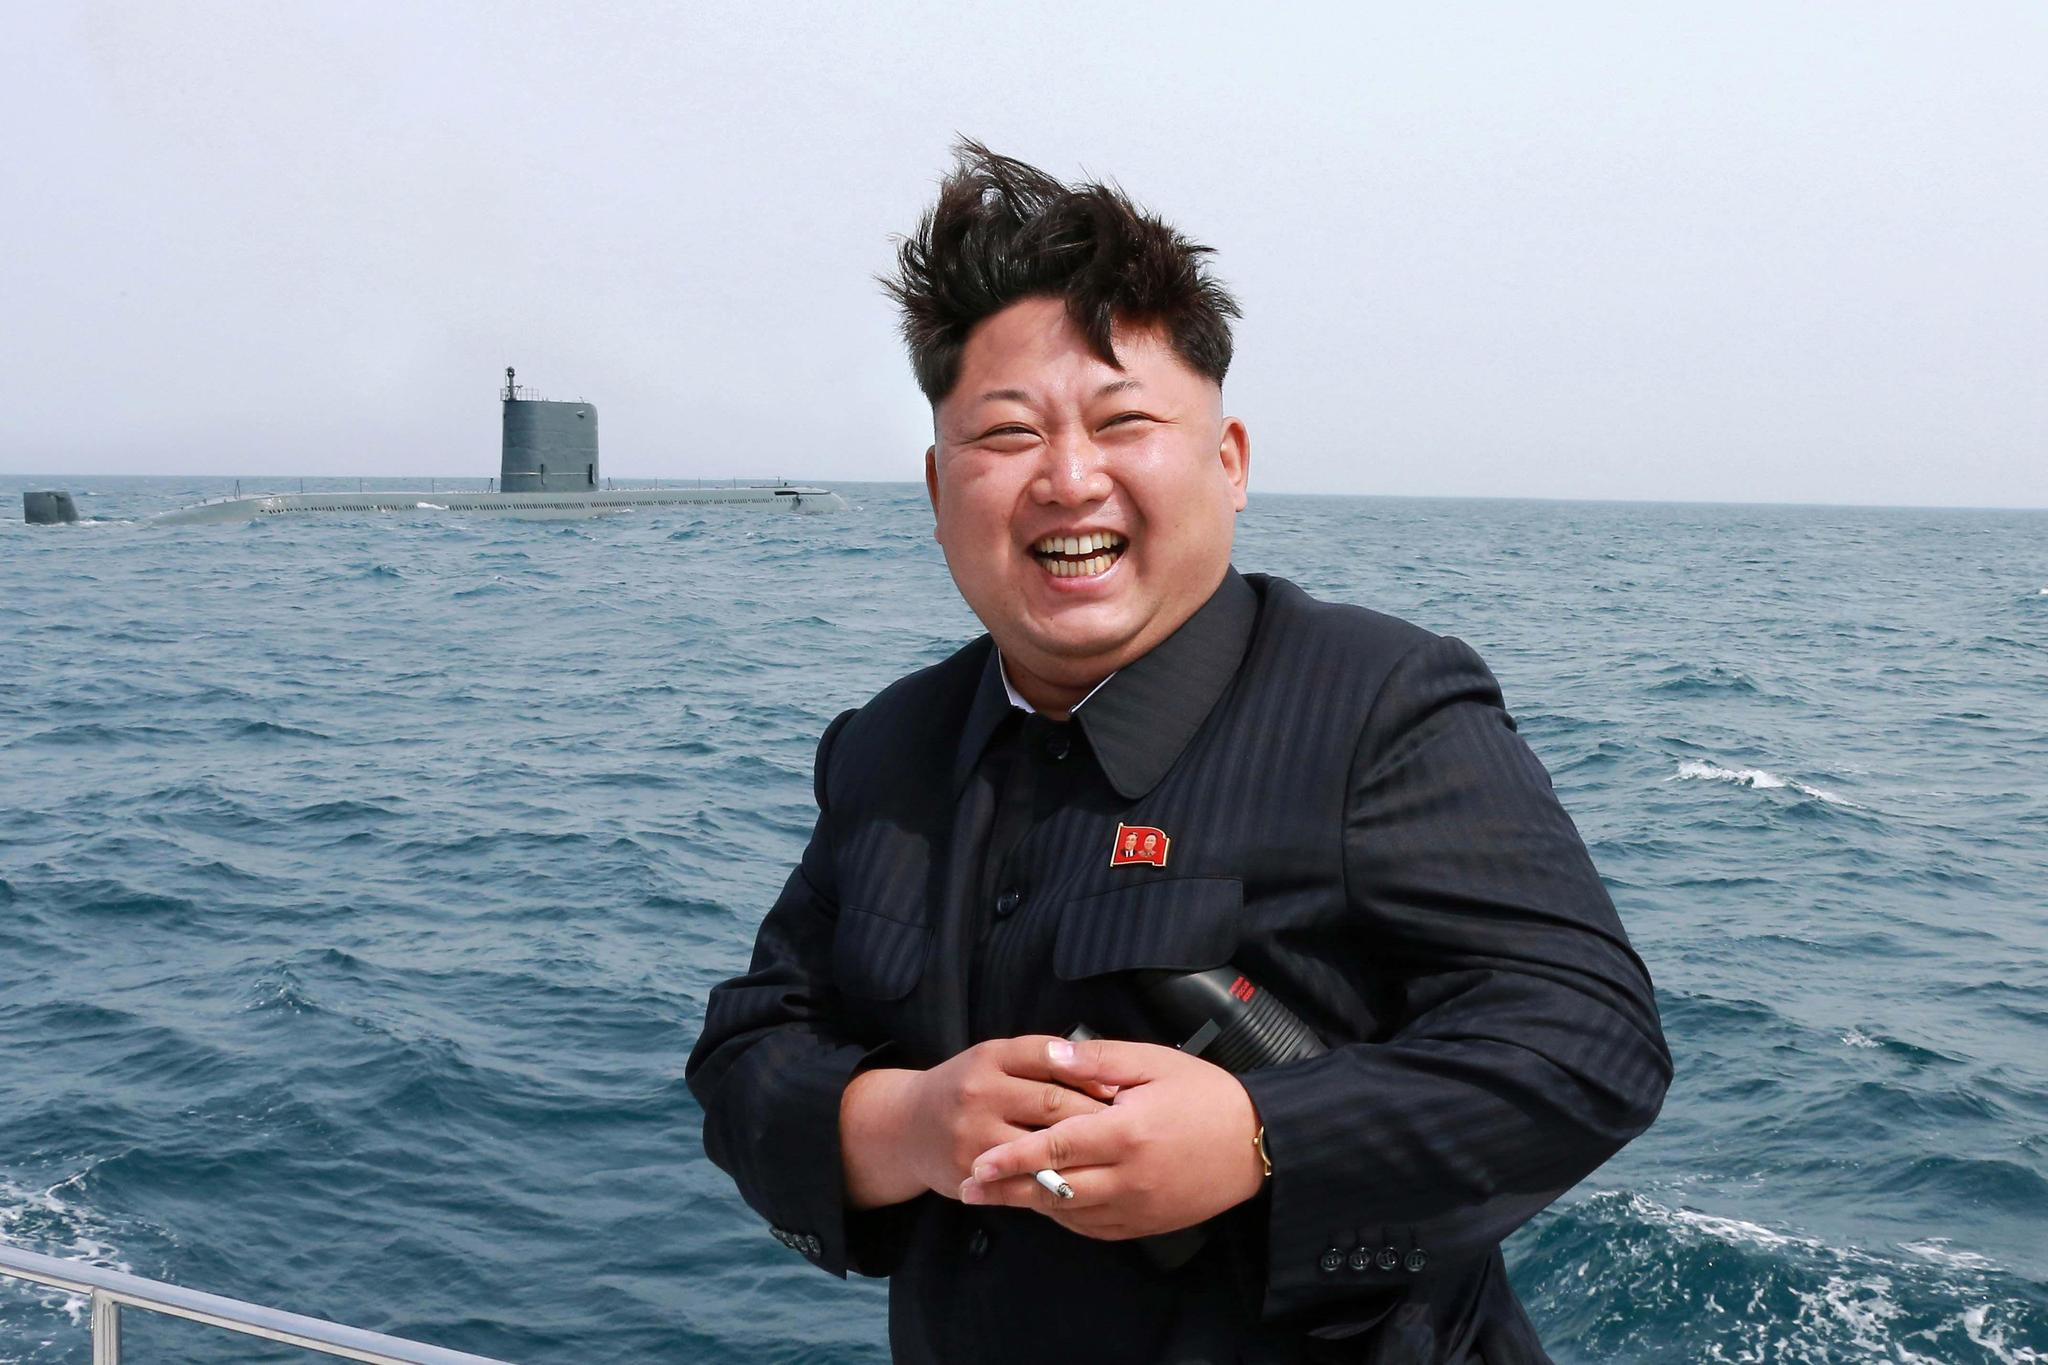 世界最强的围棋AI——北朝鲜制造 上